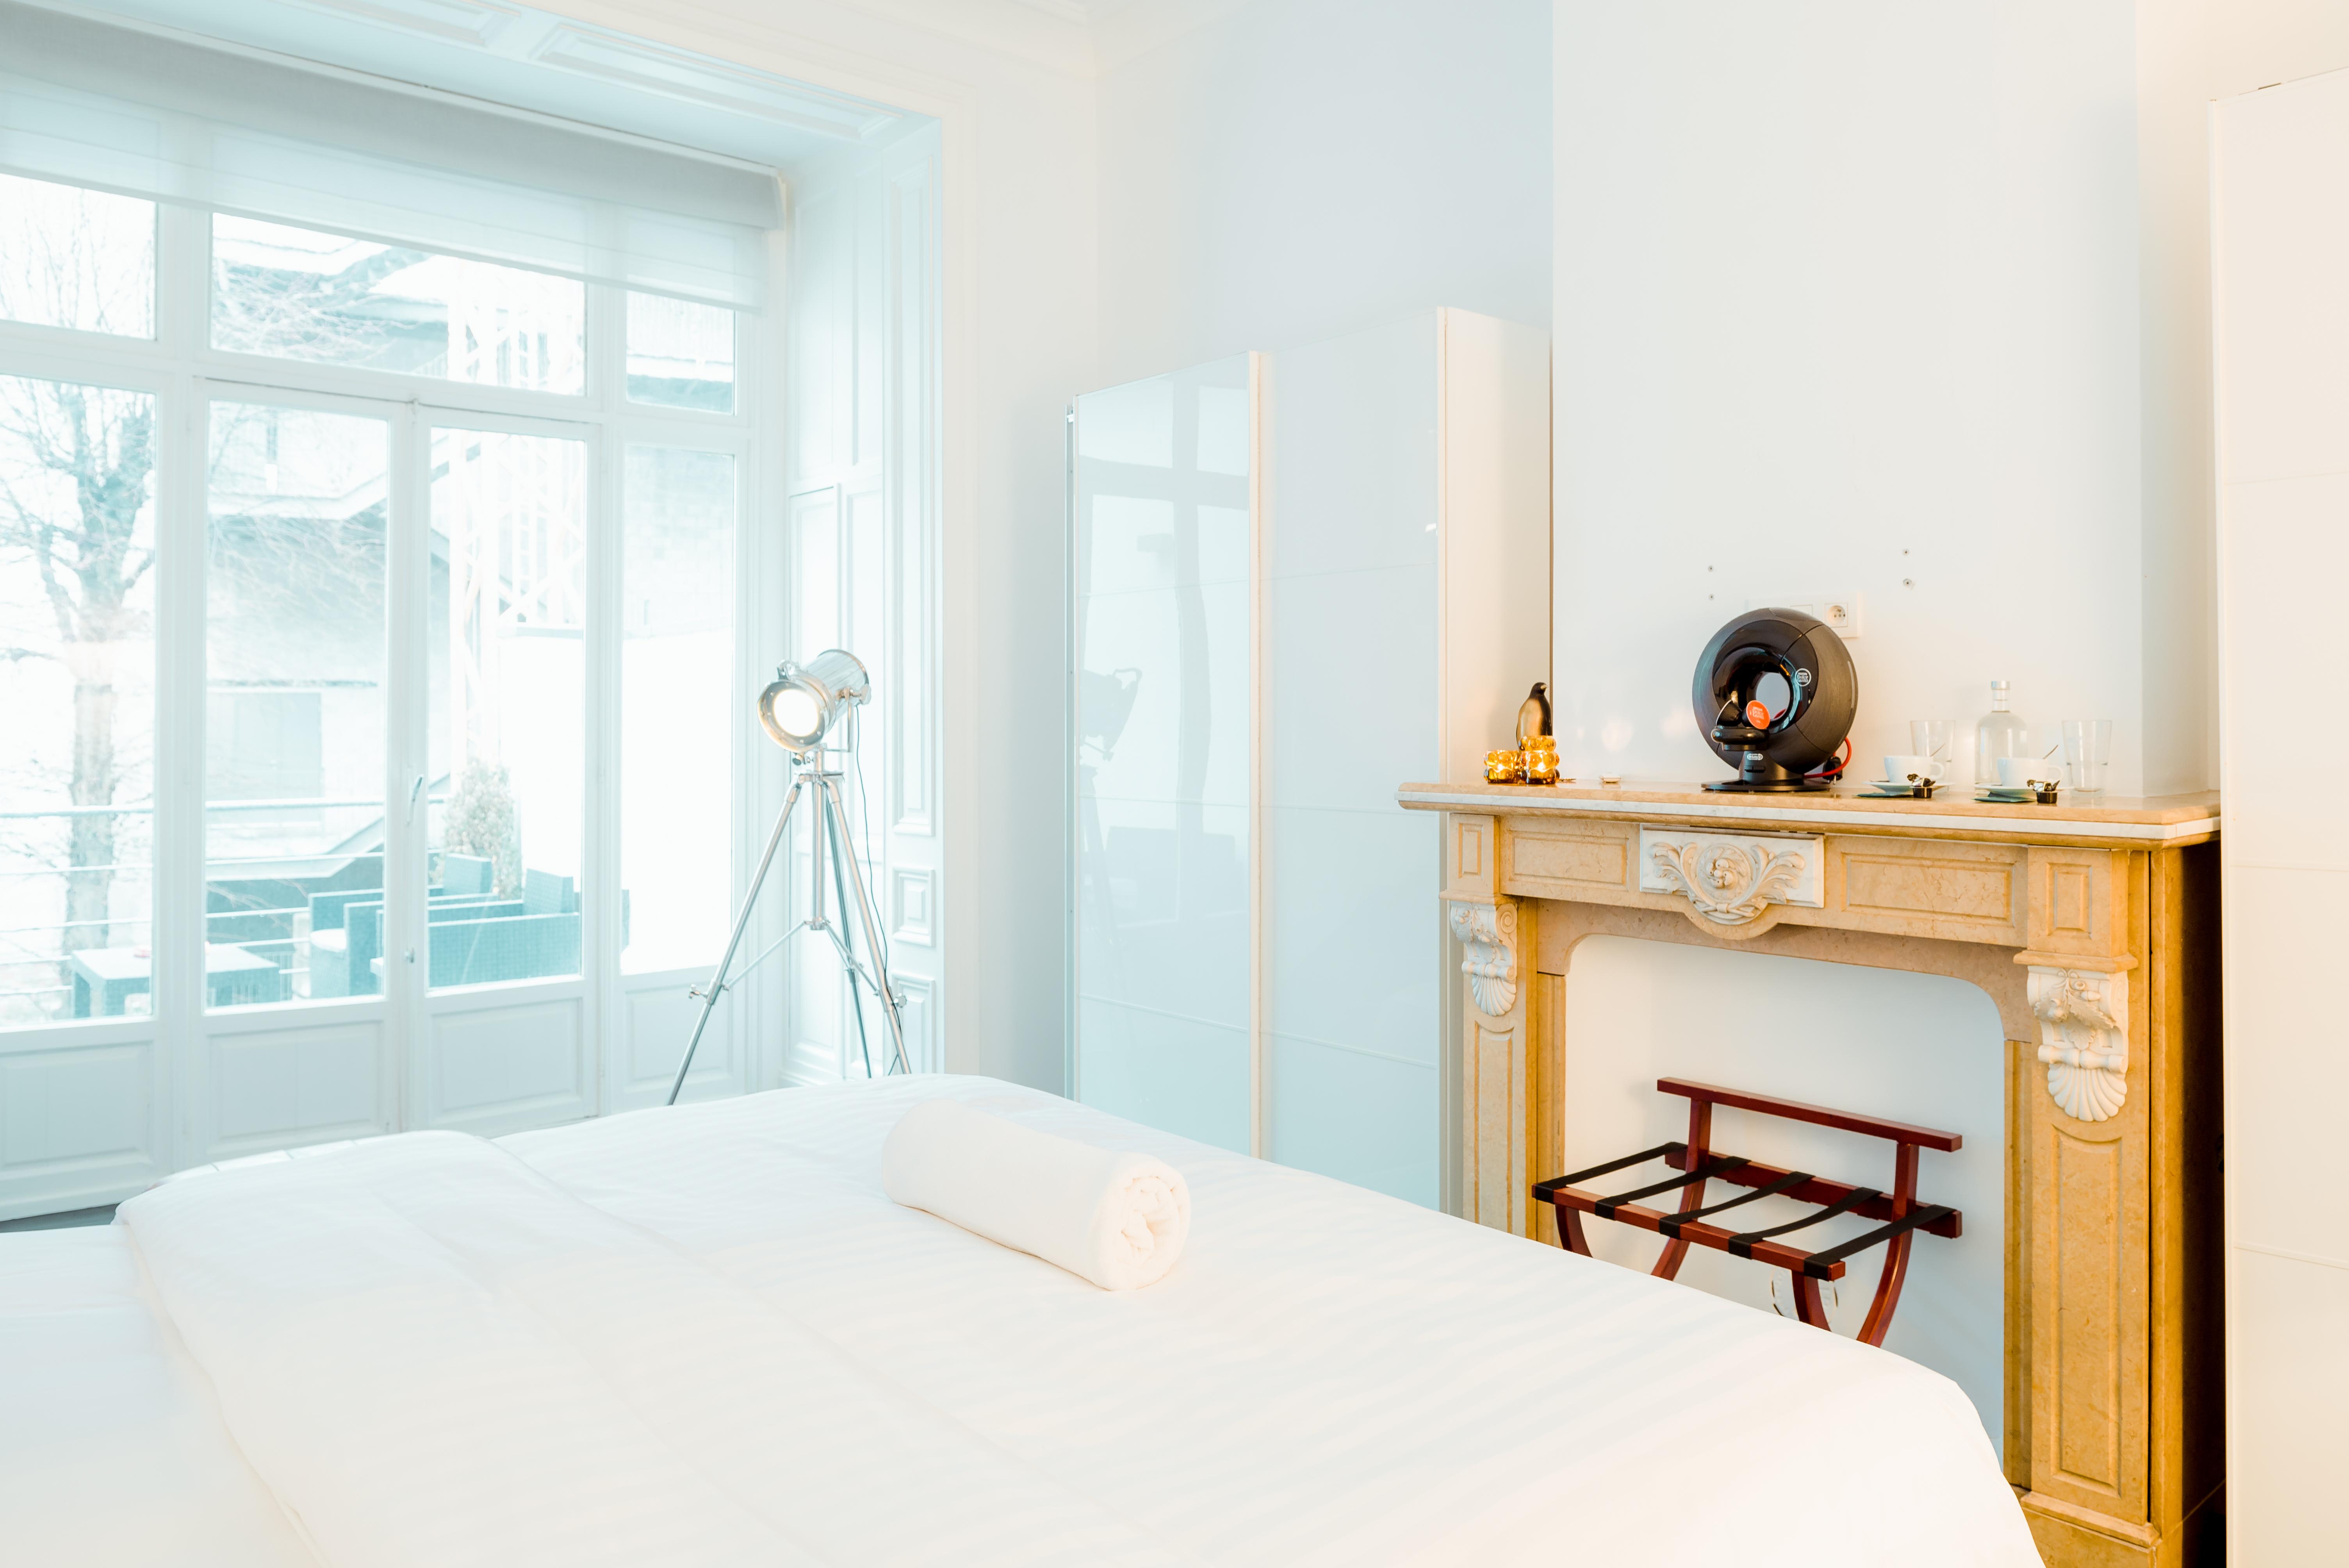 Heirloom_A Flemish Tale_room 1_3.jpg